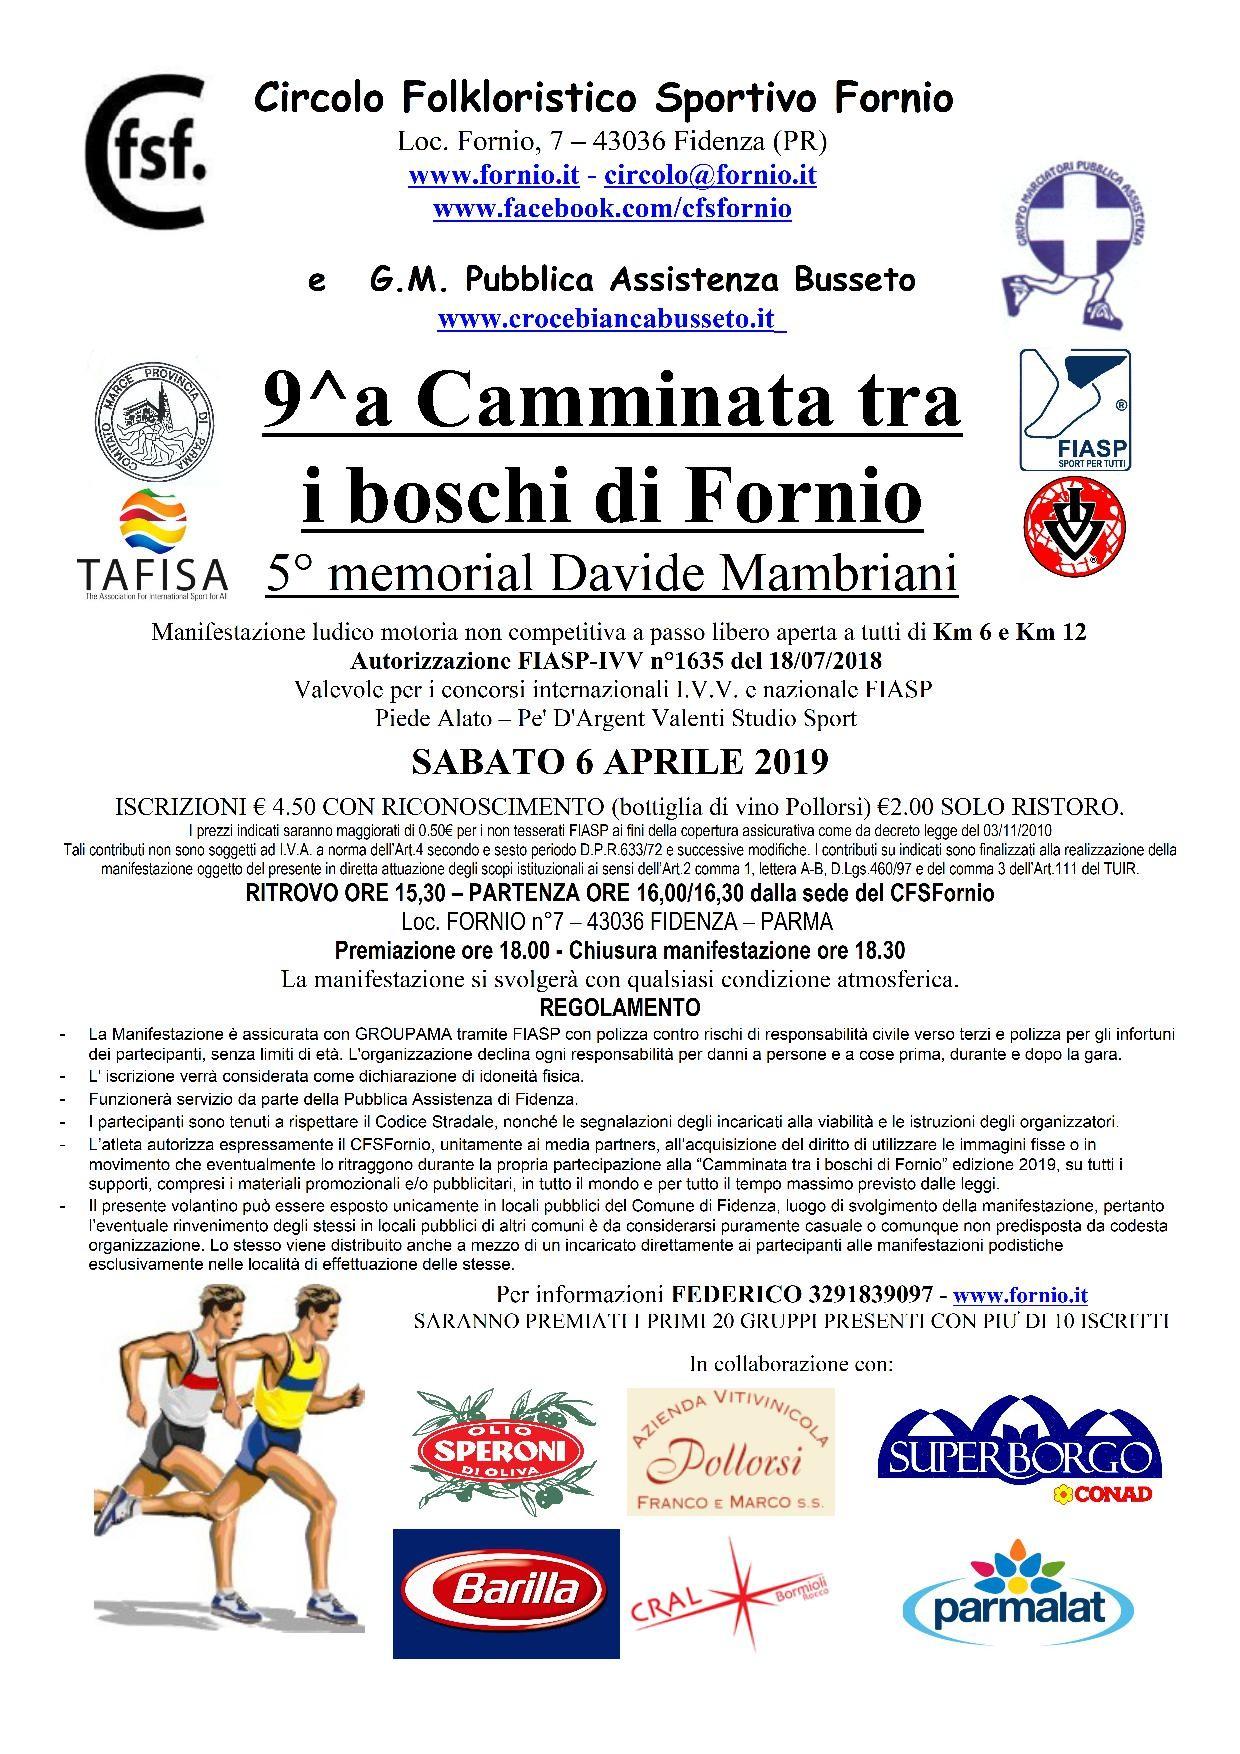 9^a Camminata tra i boschi di Fornio  5° memorial Davide Mambriani